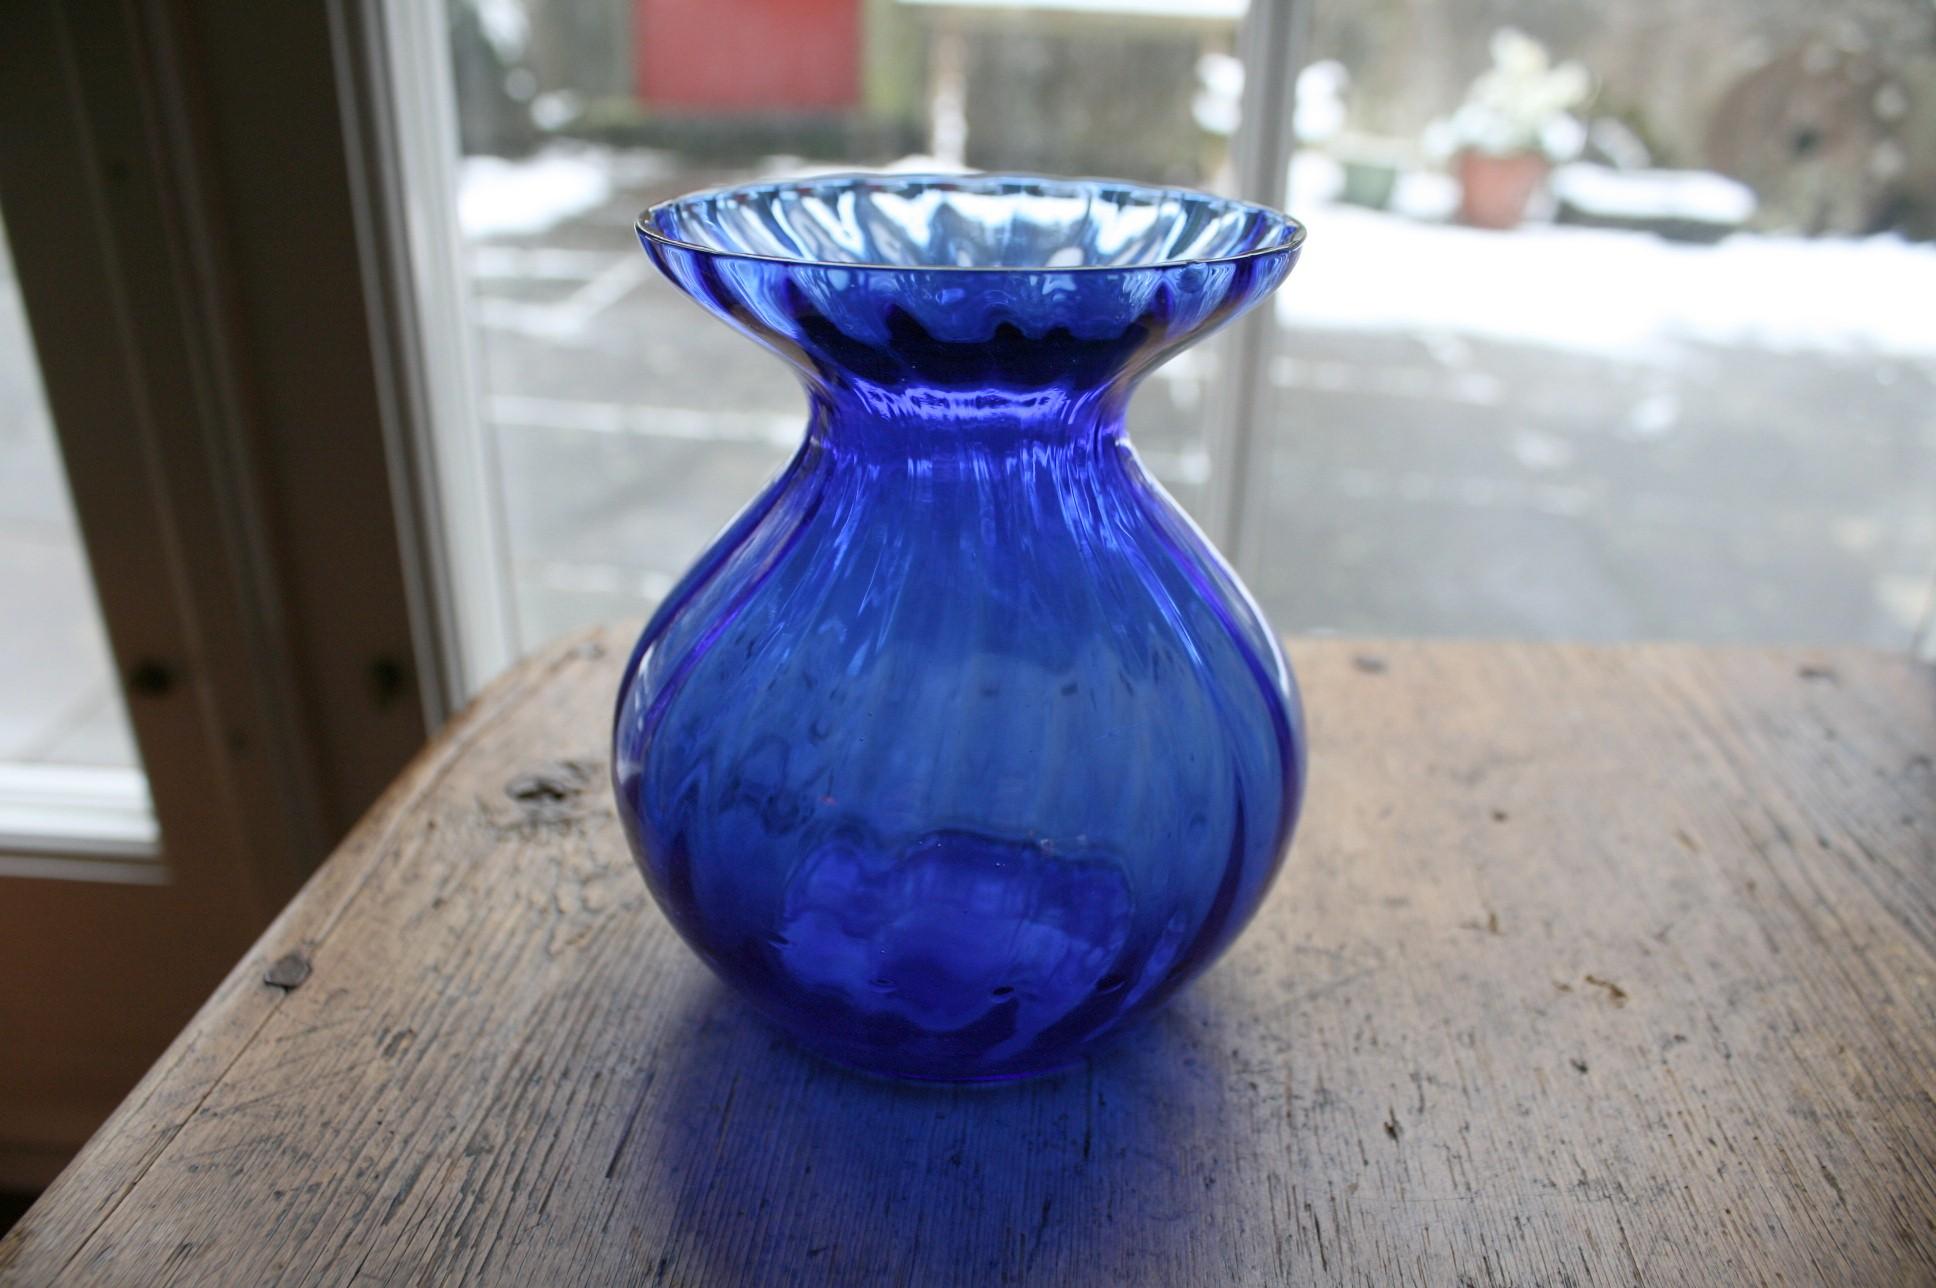 Blåt lavt hyacintglas fra dansk glasværk.